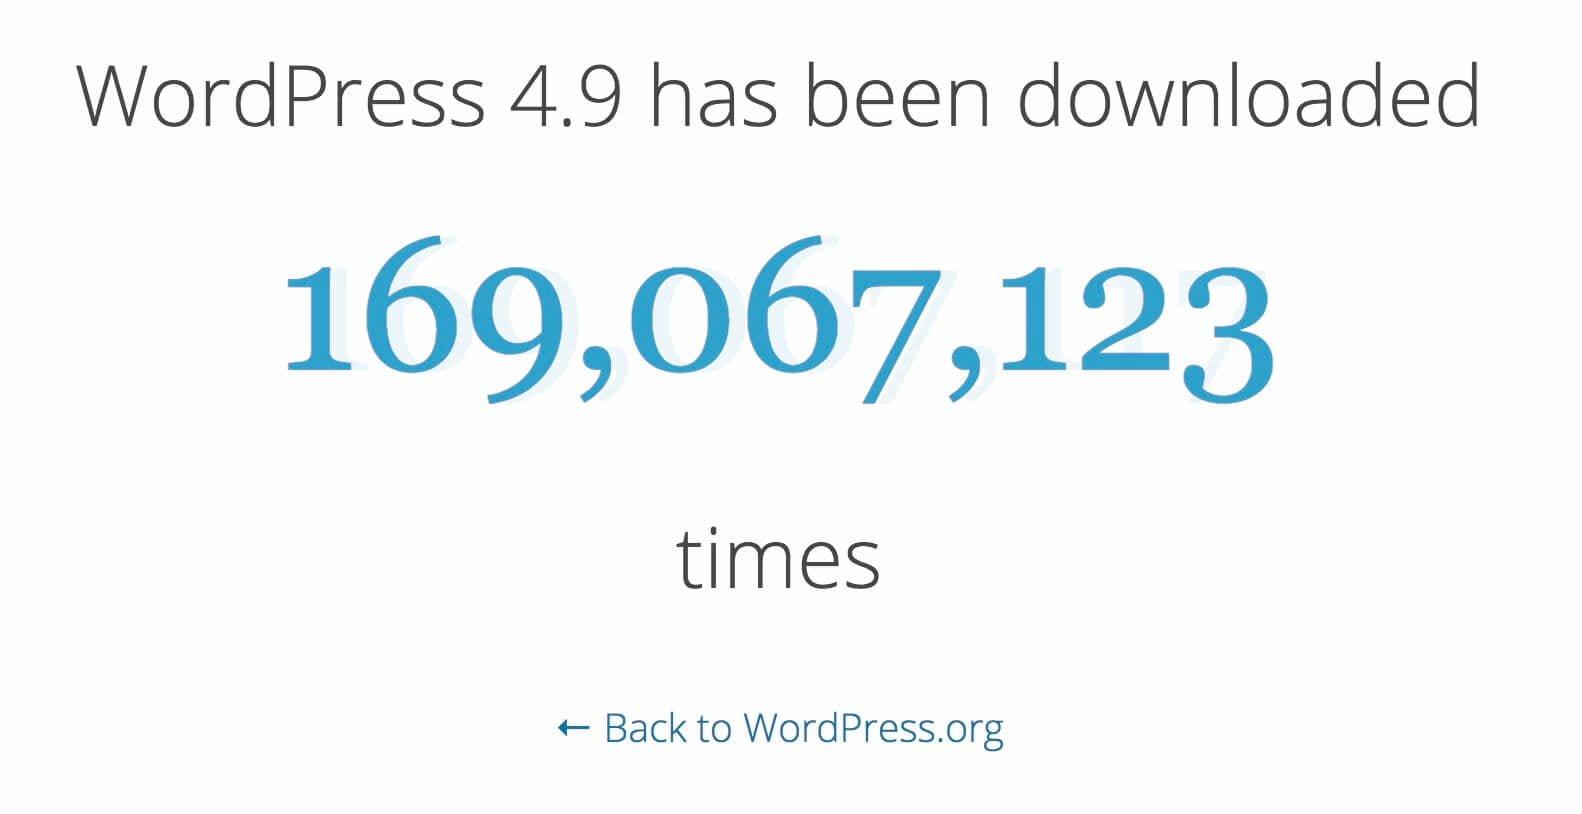 כמות ההרודות של גירסת 4.9 של וורדפרס